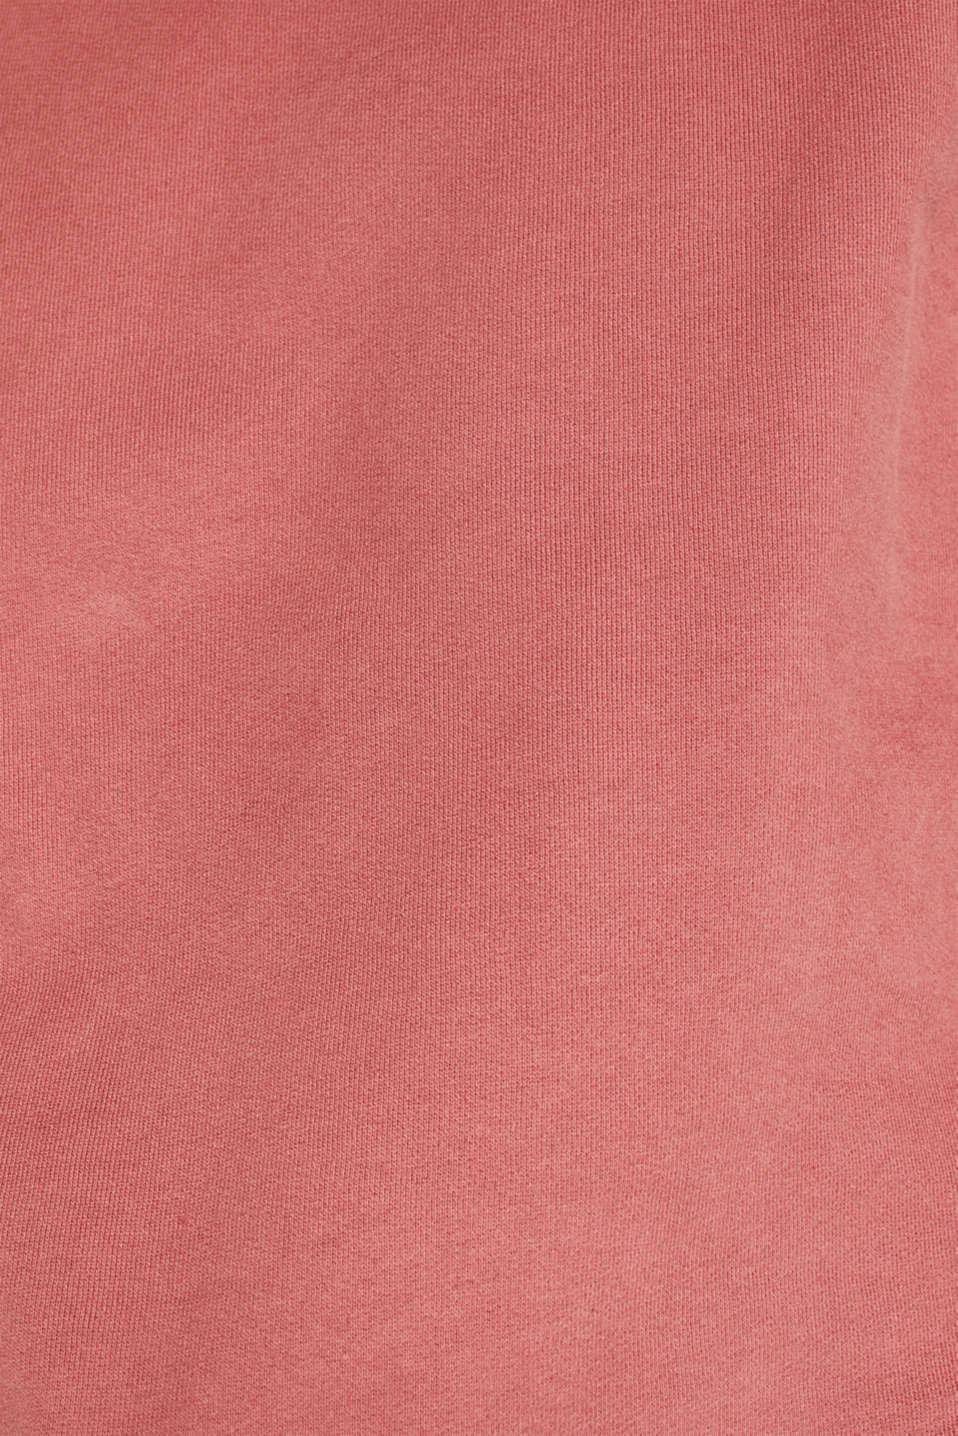 Sweatshirt in 100% cotton, BLUSH, detail image number 4